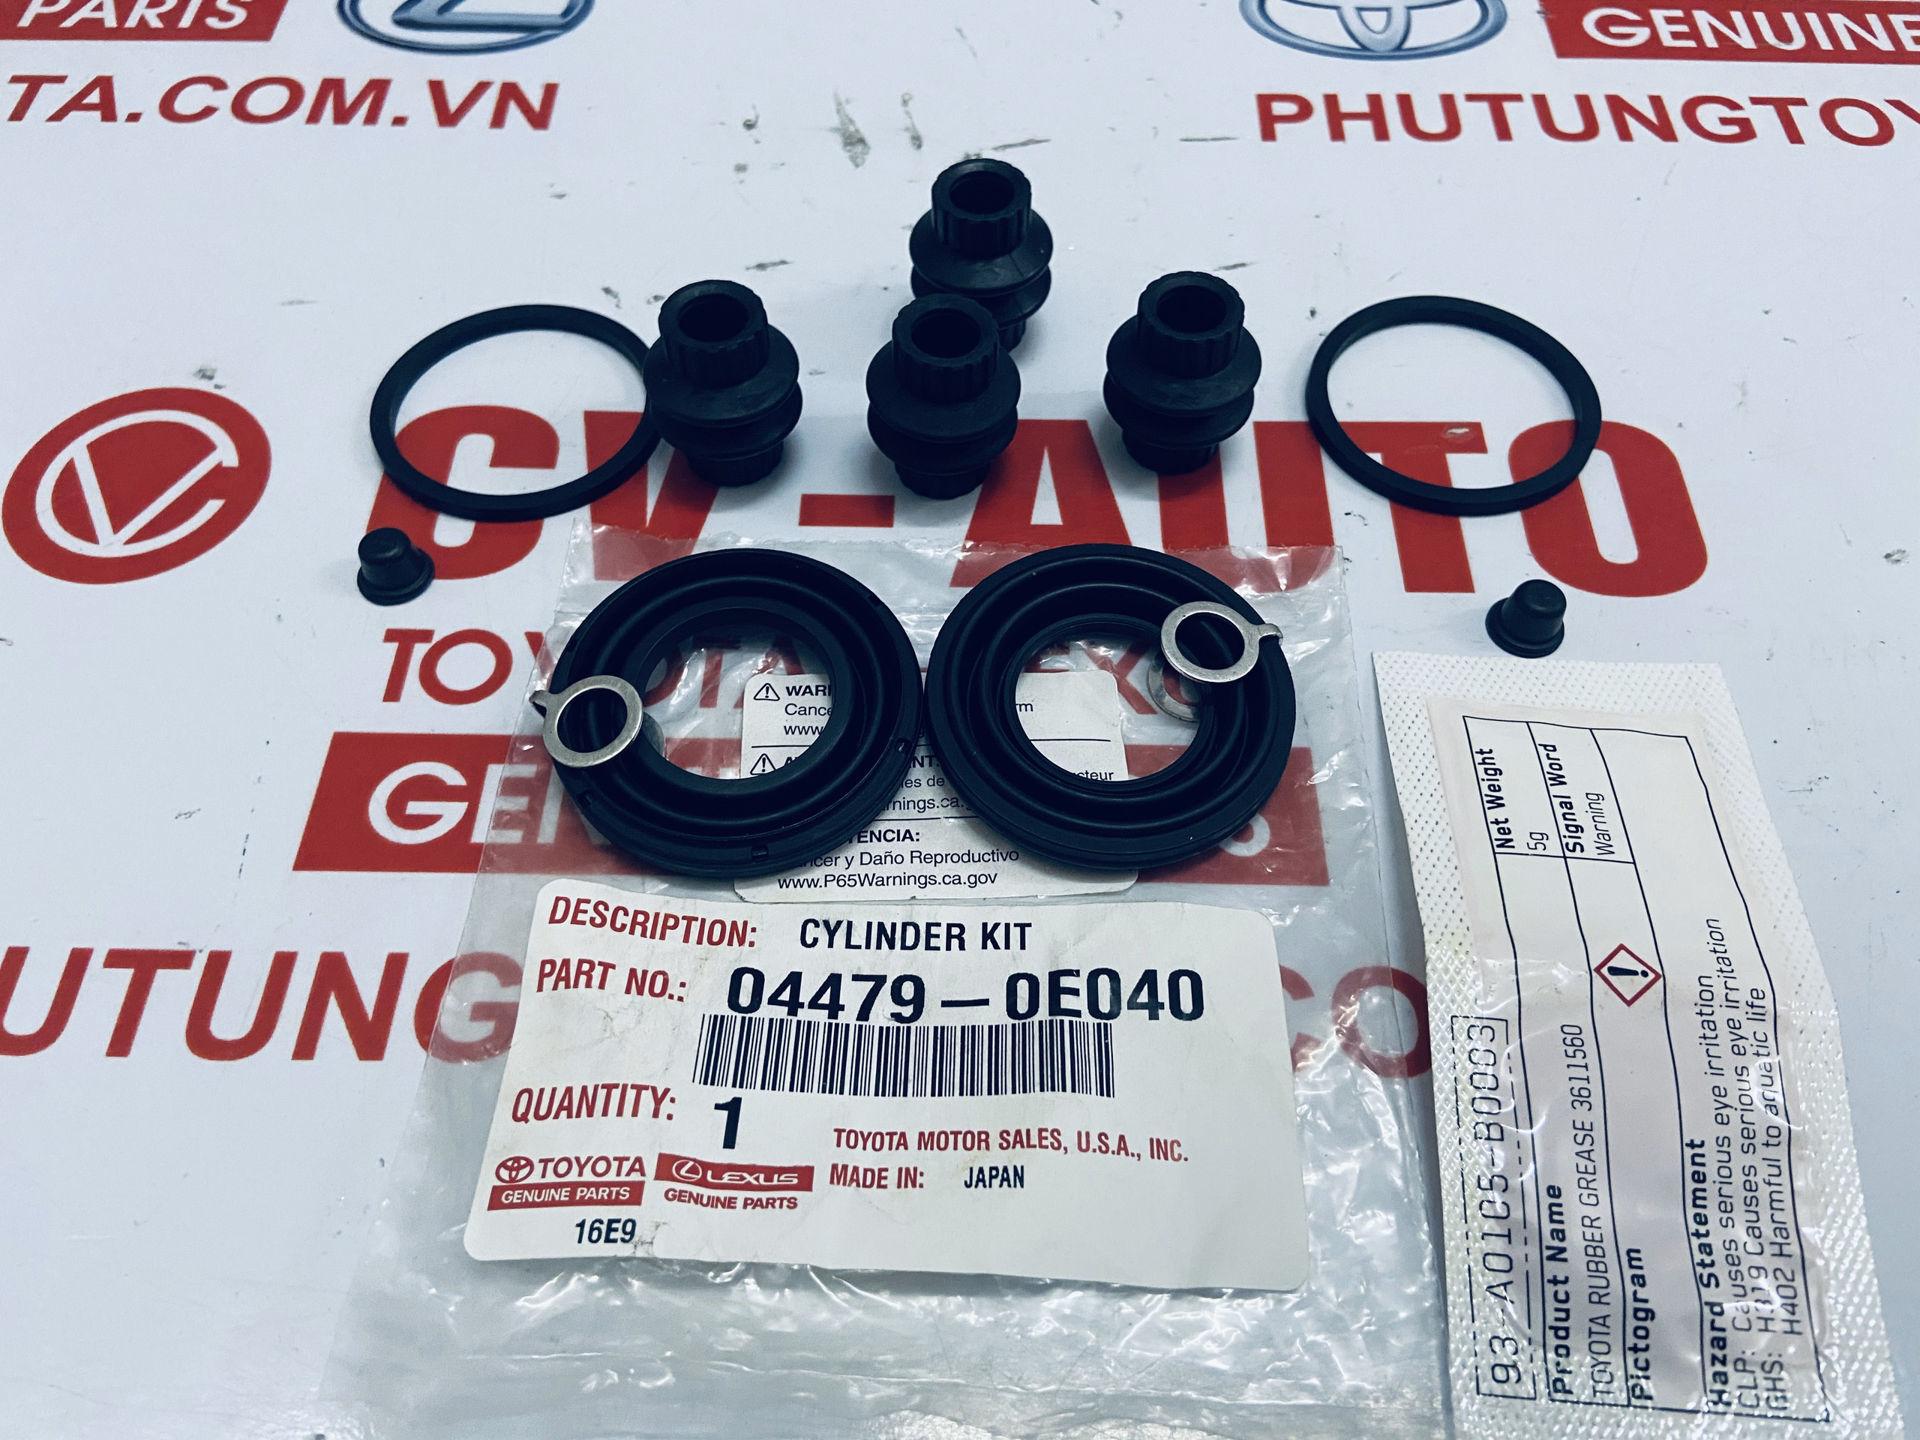 Picture of 04479-0E040 Cupen phanh sau Toyota Highlander chính hãng